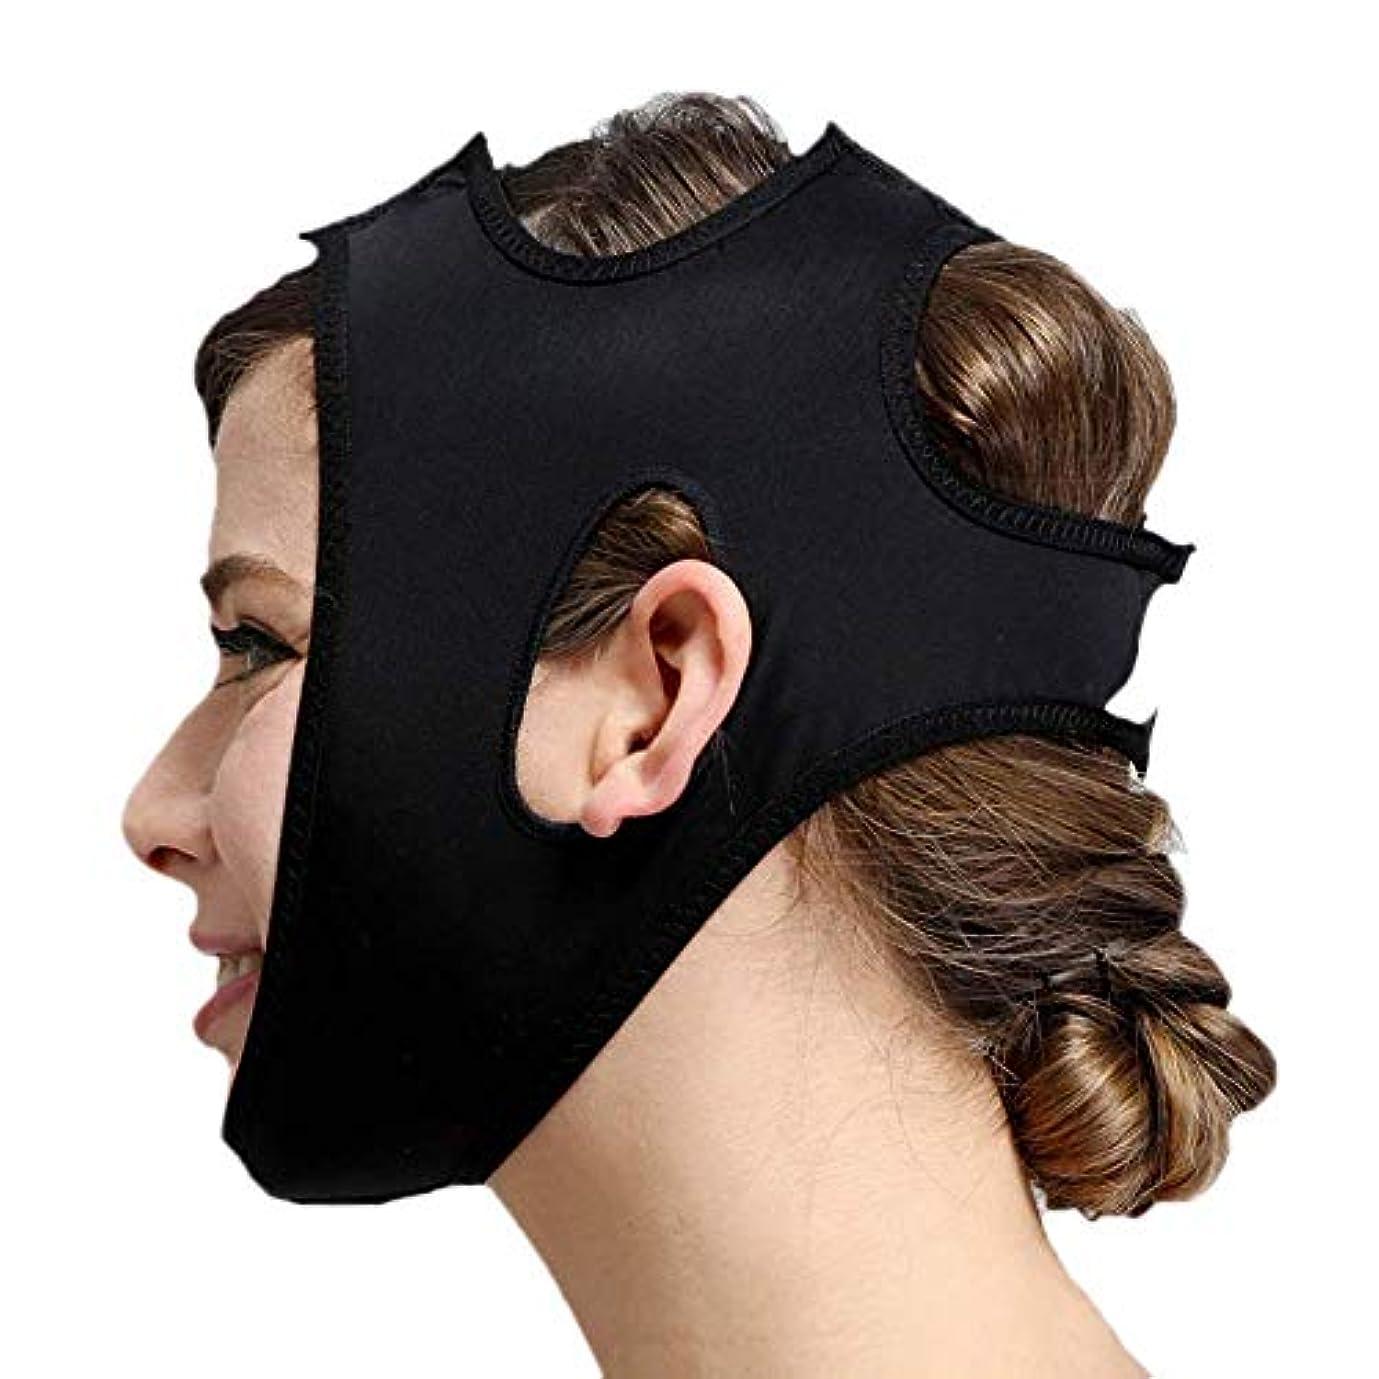 篭失速悲観的フェイススリミングマスク、快適さと通気性、フェイシャルリフティング、輪郭の改善された硬さ、ファーミングとリフティングフェイス(カラー:ブラック、サイズ:XL),黒、XXL